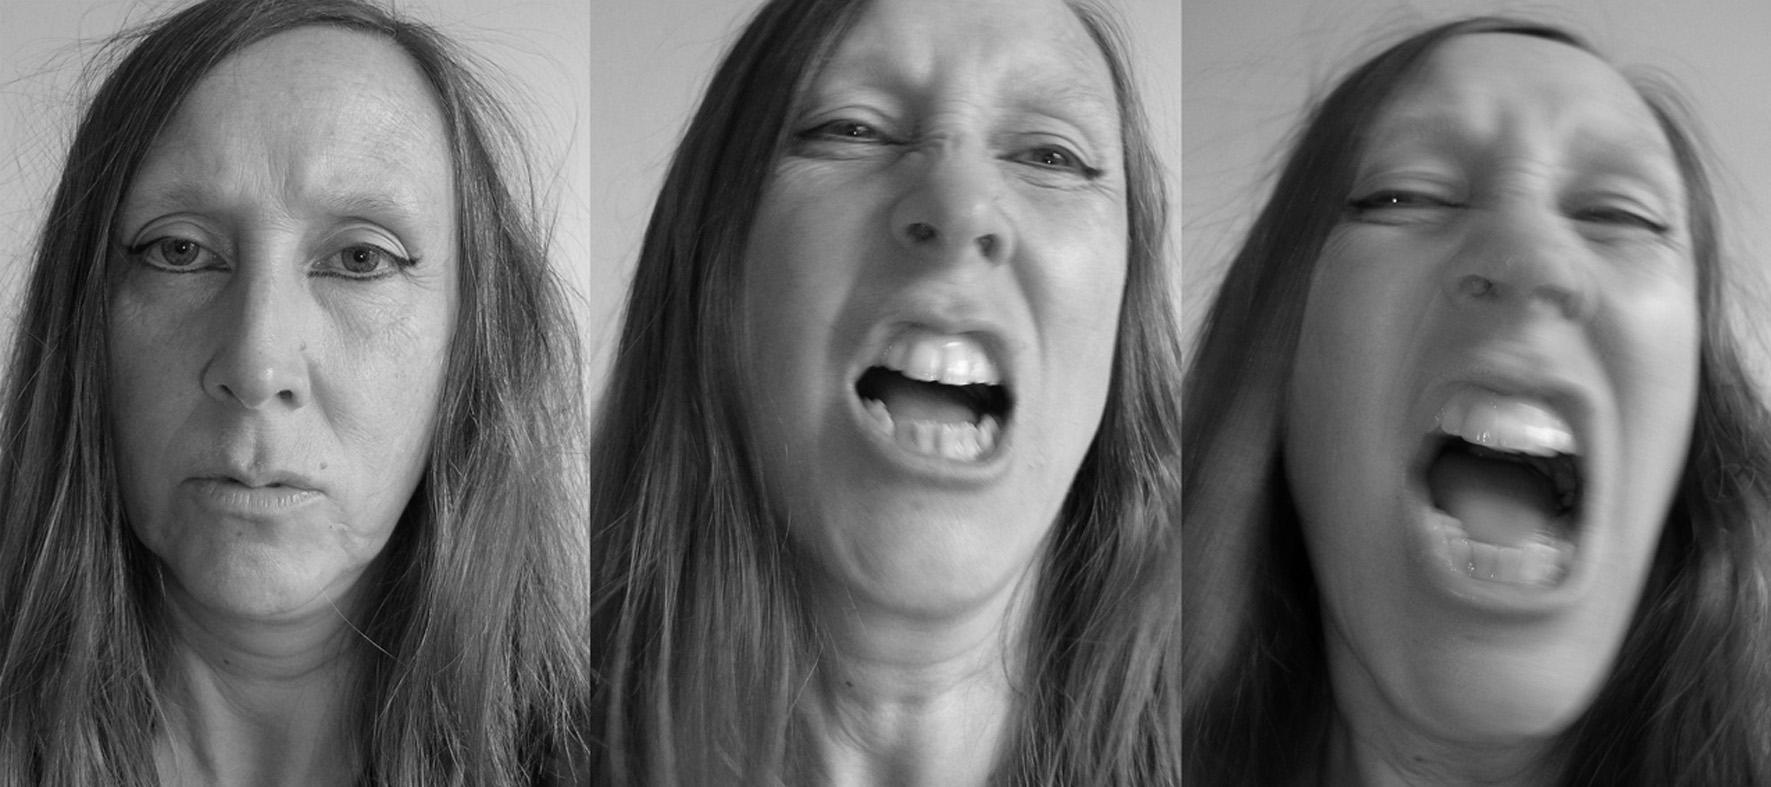 Lique Schoot, Self-portrait in Anger 17 06 15